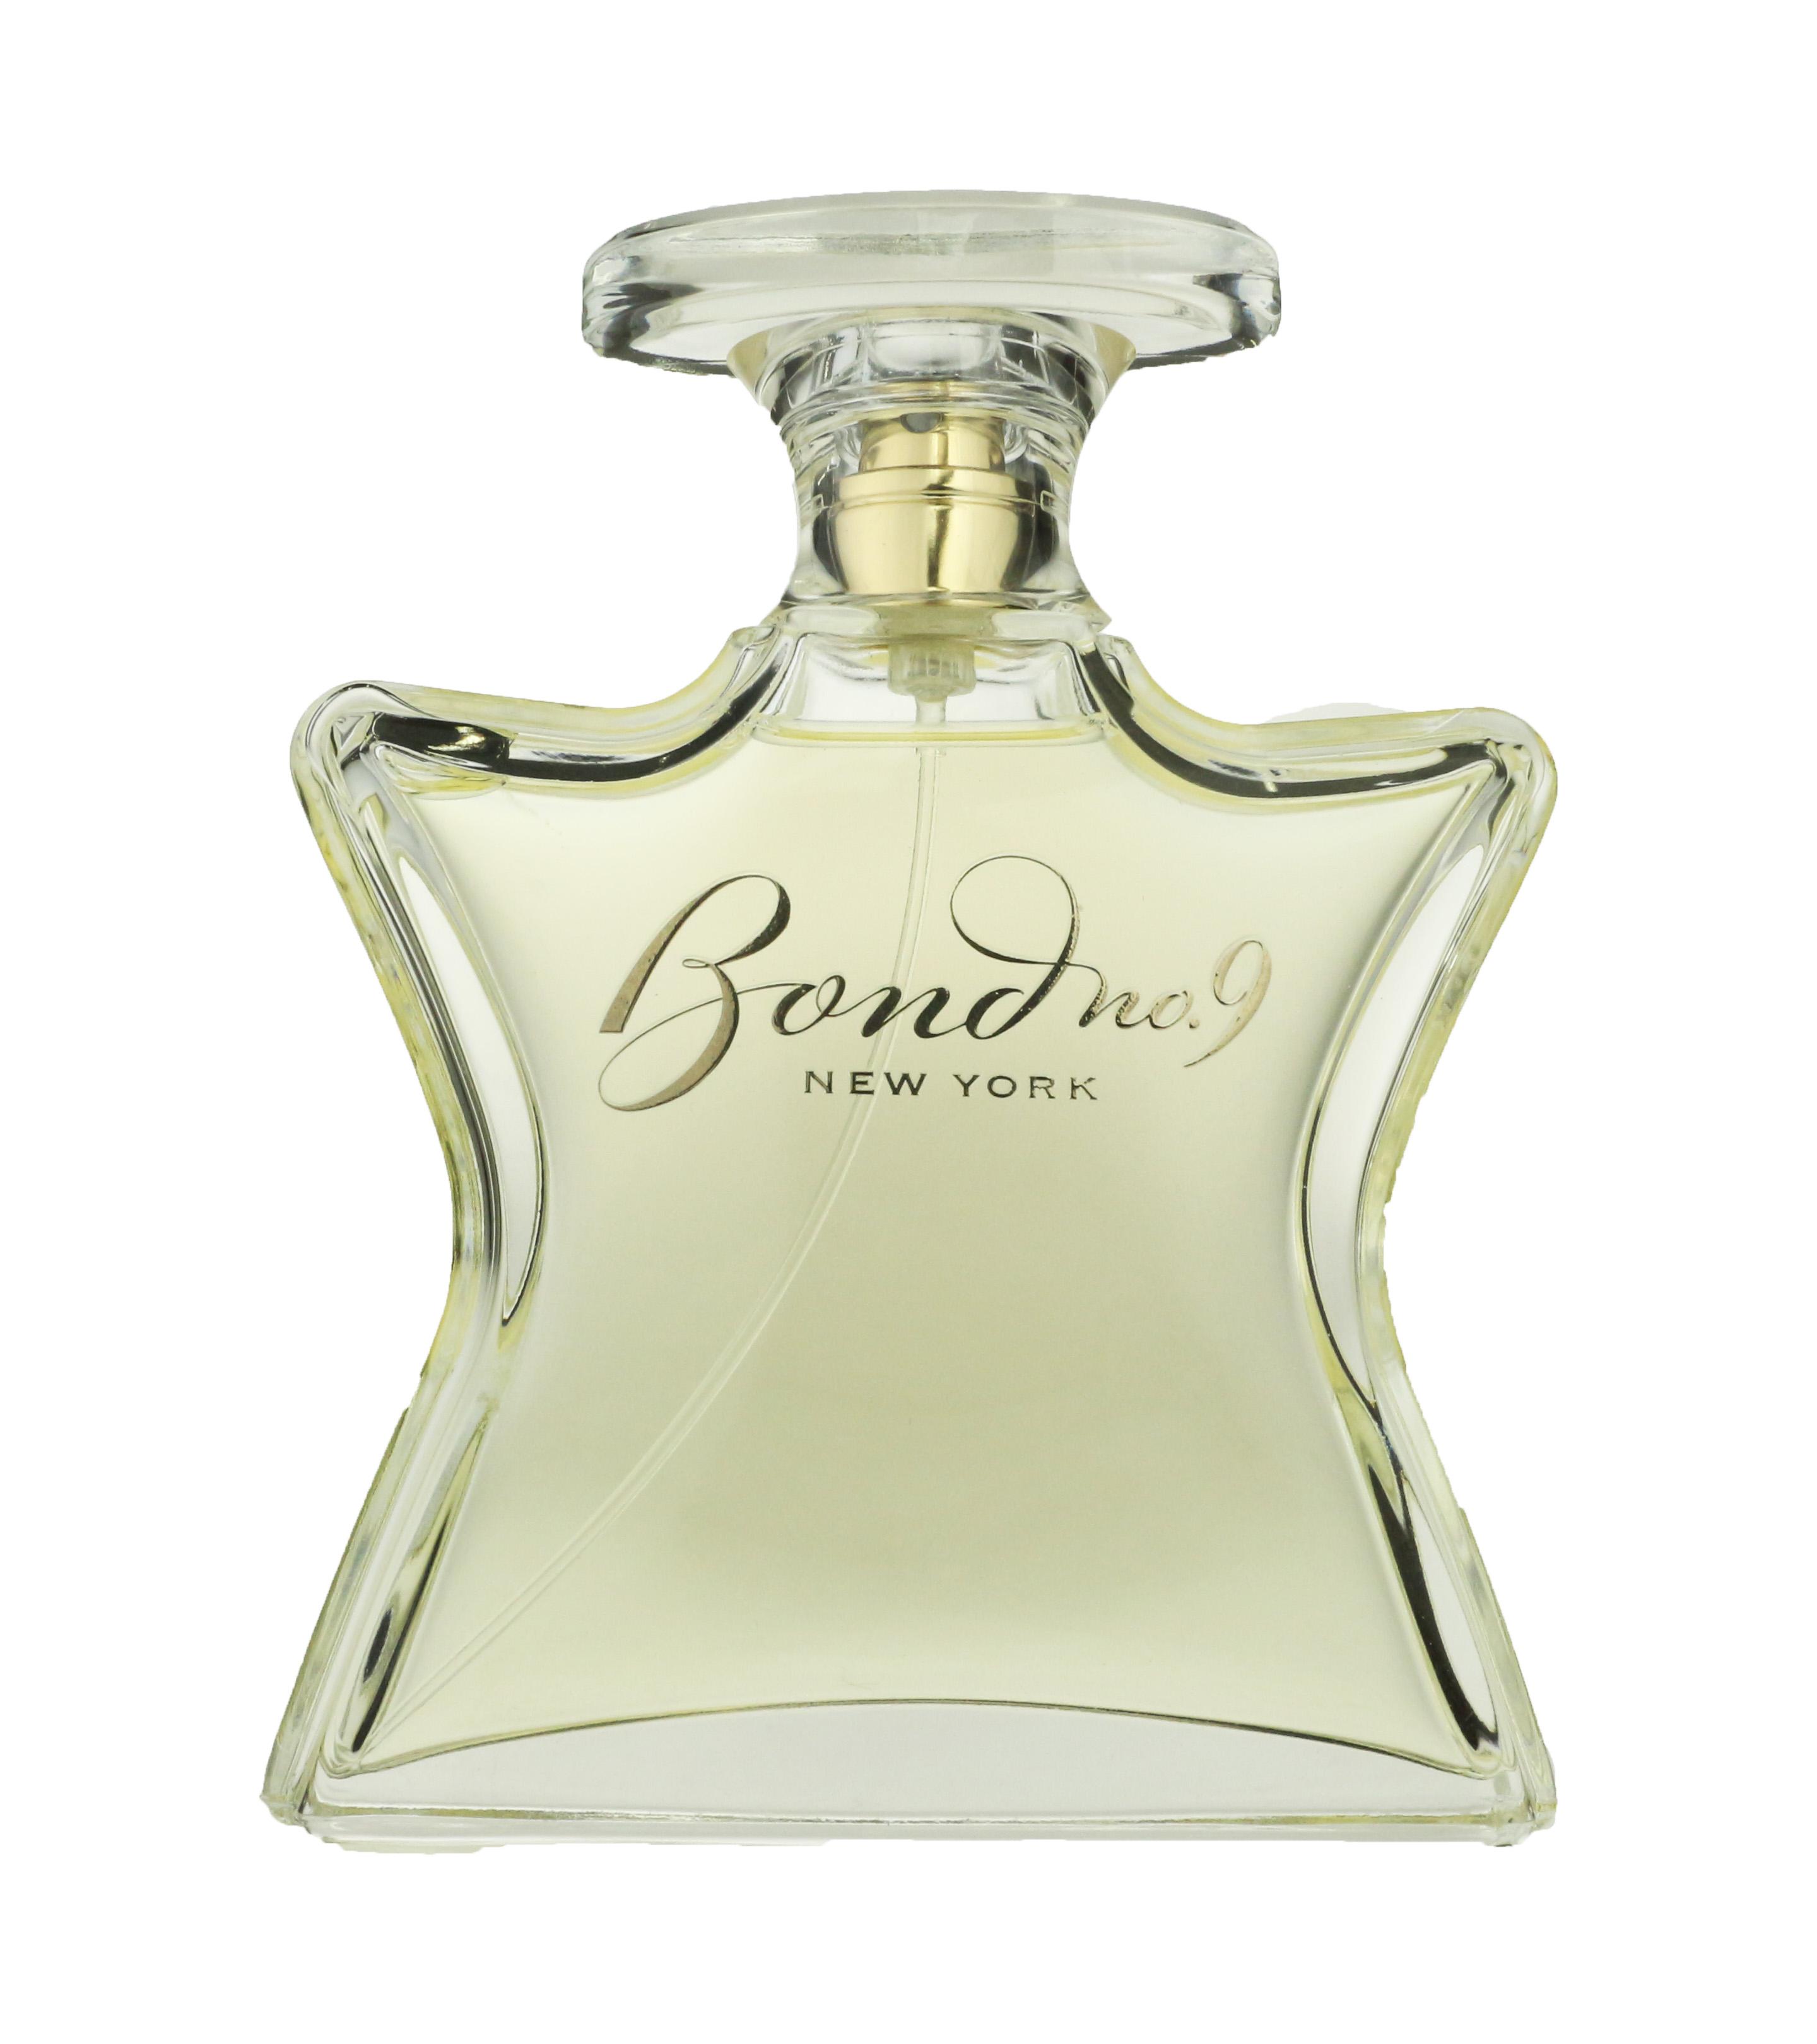 3f154bf0e7ed7 Bond No.9 New York Eau De Parfum Spray 3.3 oz 100ml Unboxed